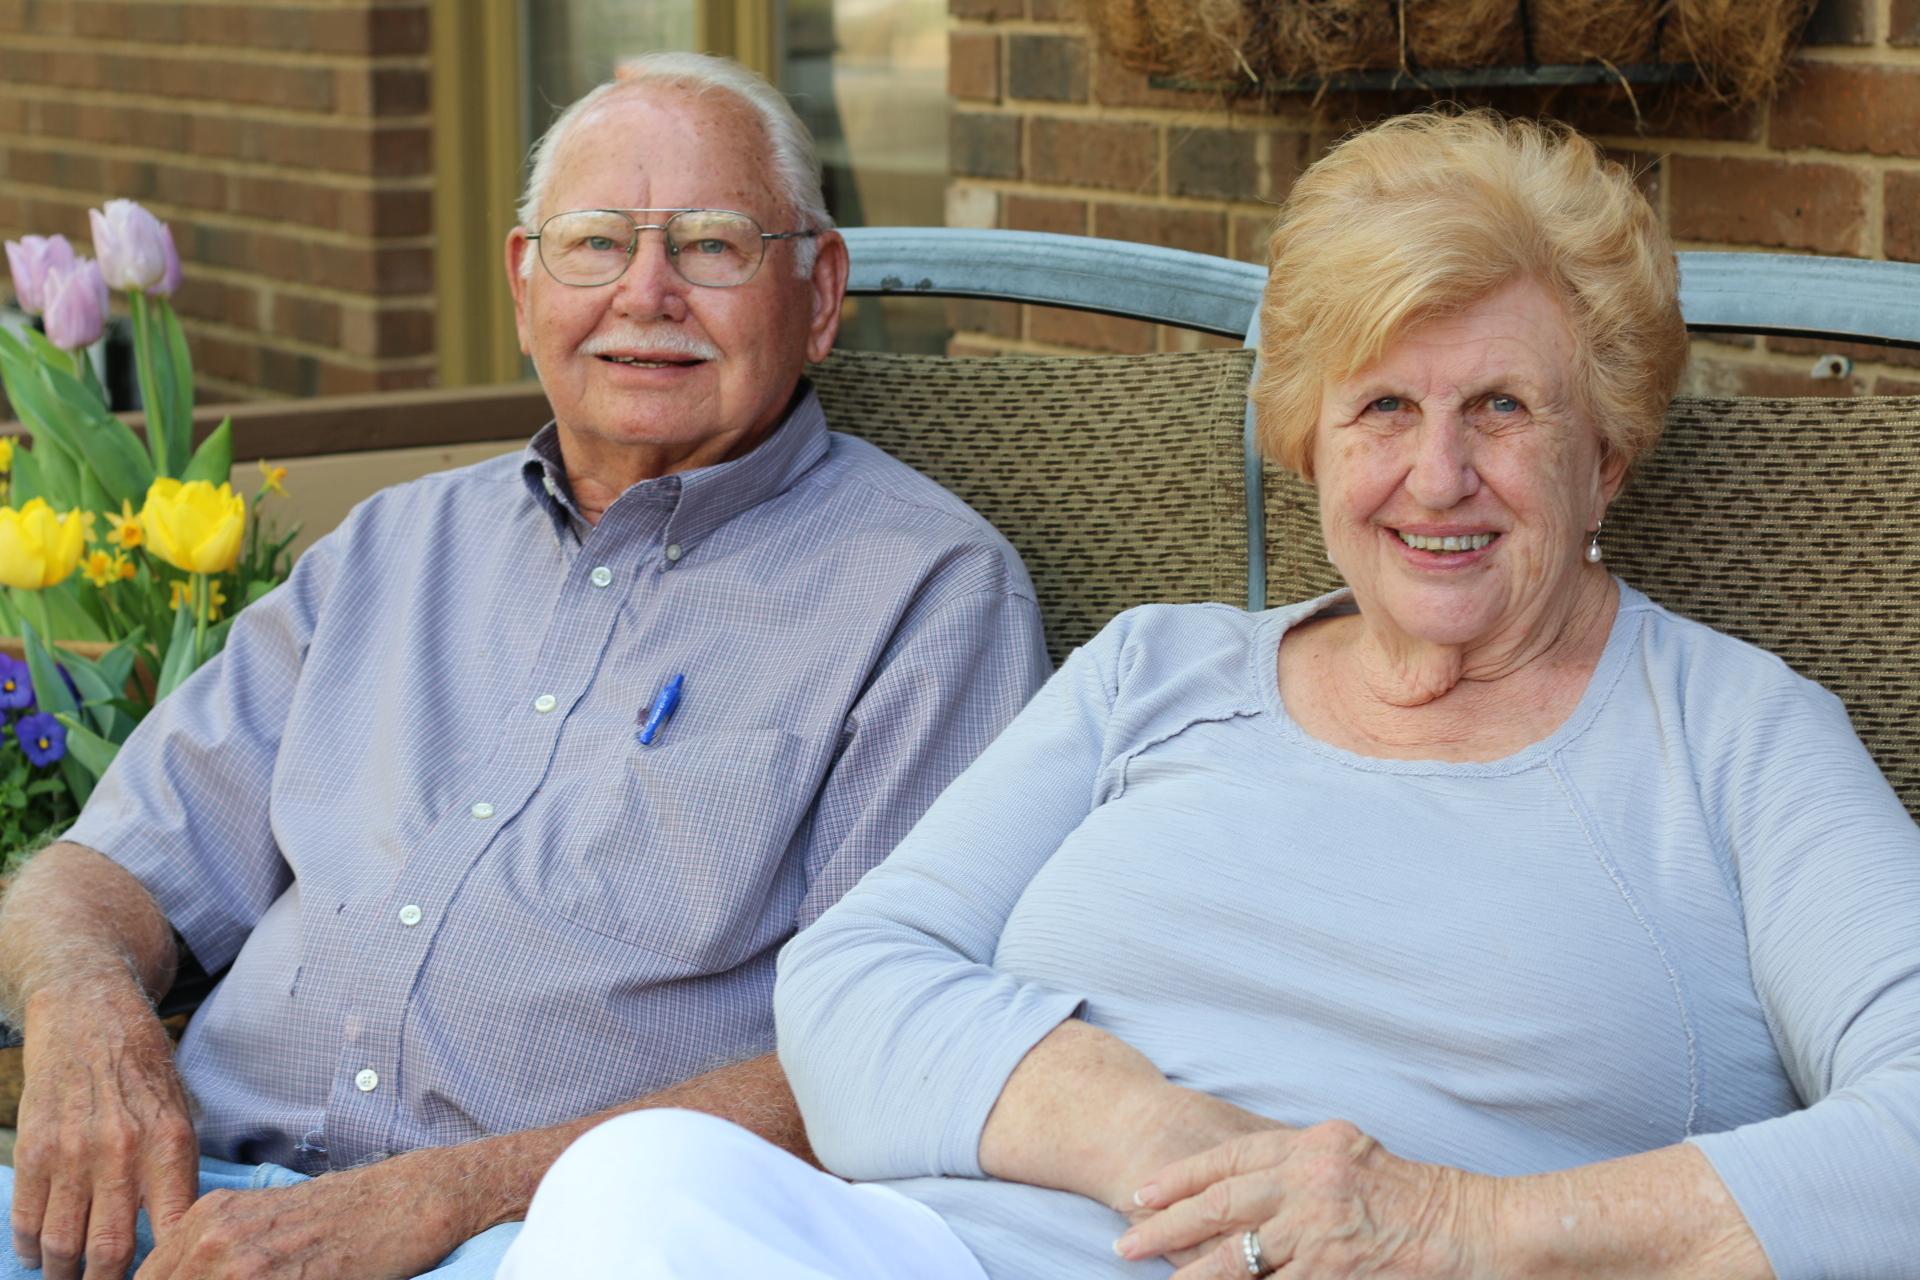 R. Burl & Carmelita Jean - Owners